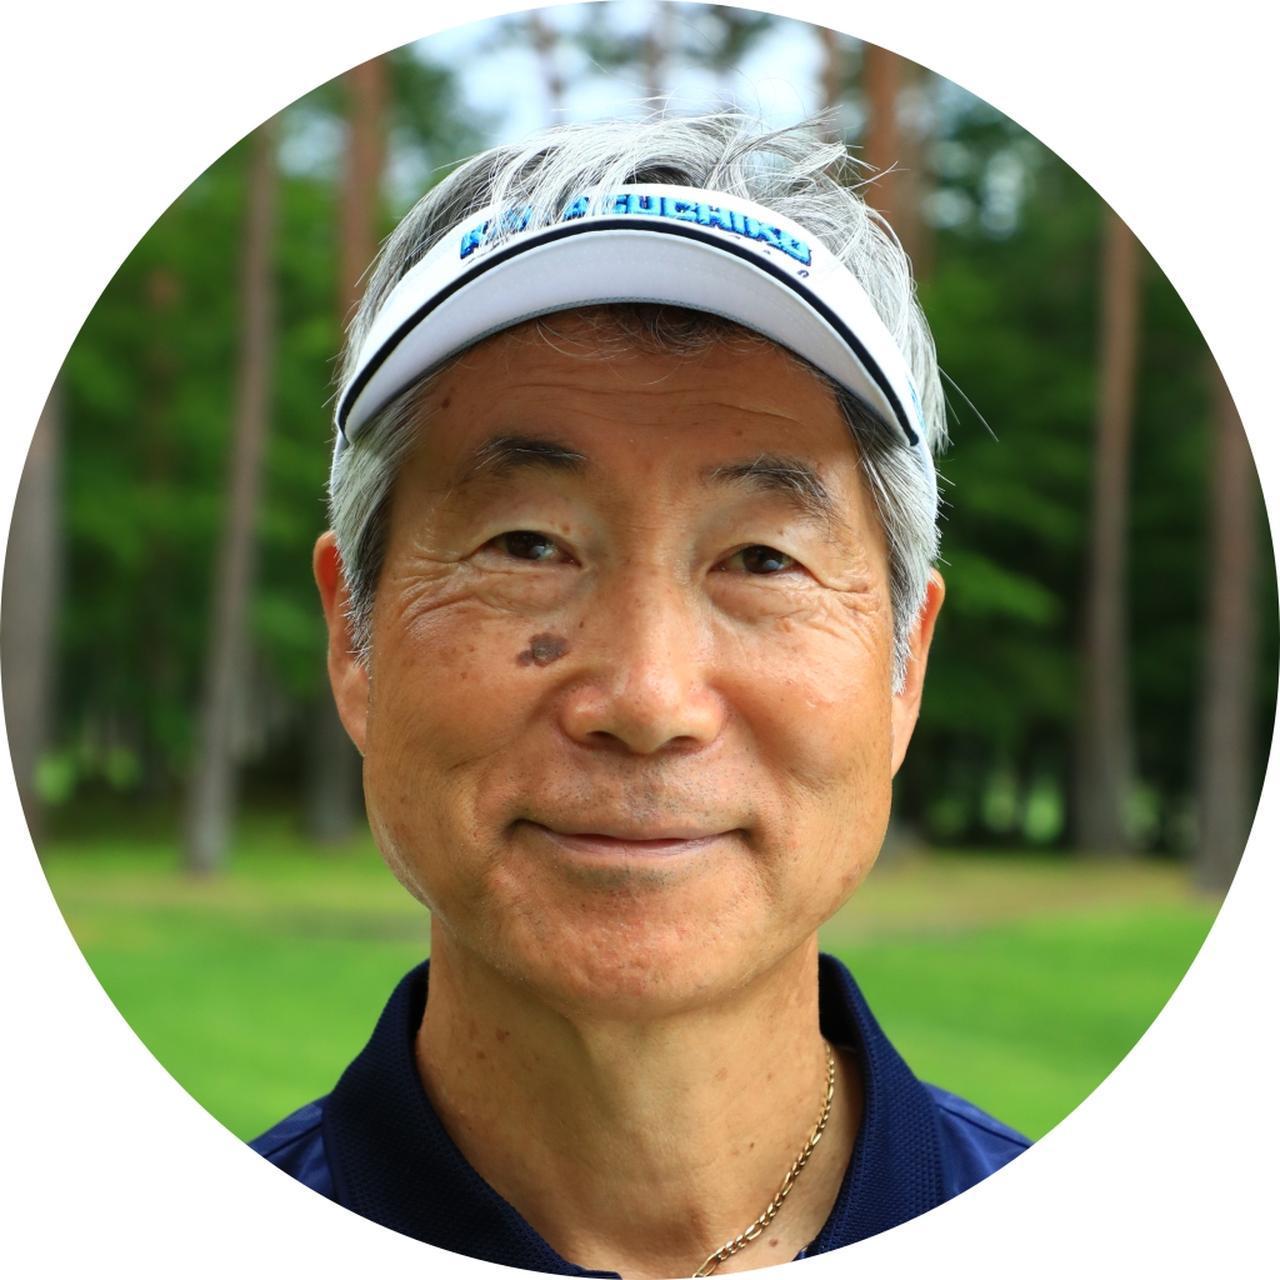 画像: 大神田 匠(おおかんだたくみ)さん/66歳 平成29年のクラブチャンピオン。以前にも数回クラチャン獲得